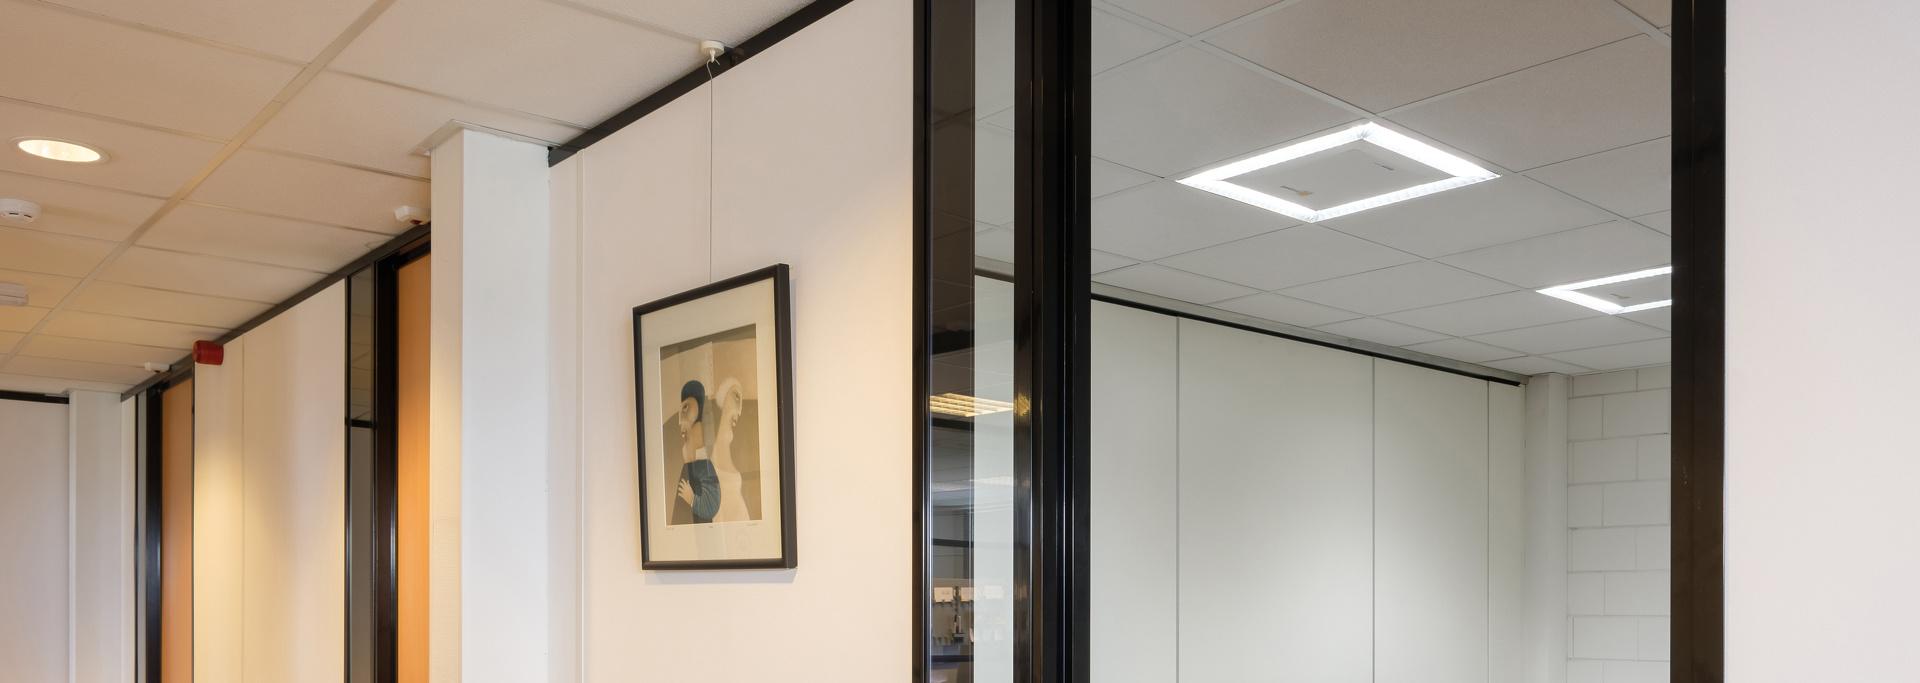 goedlicht-led-panelen-op-kantoor